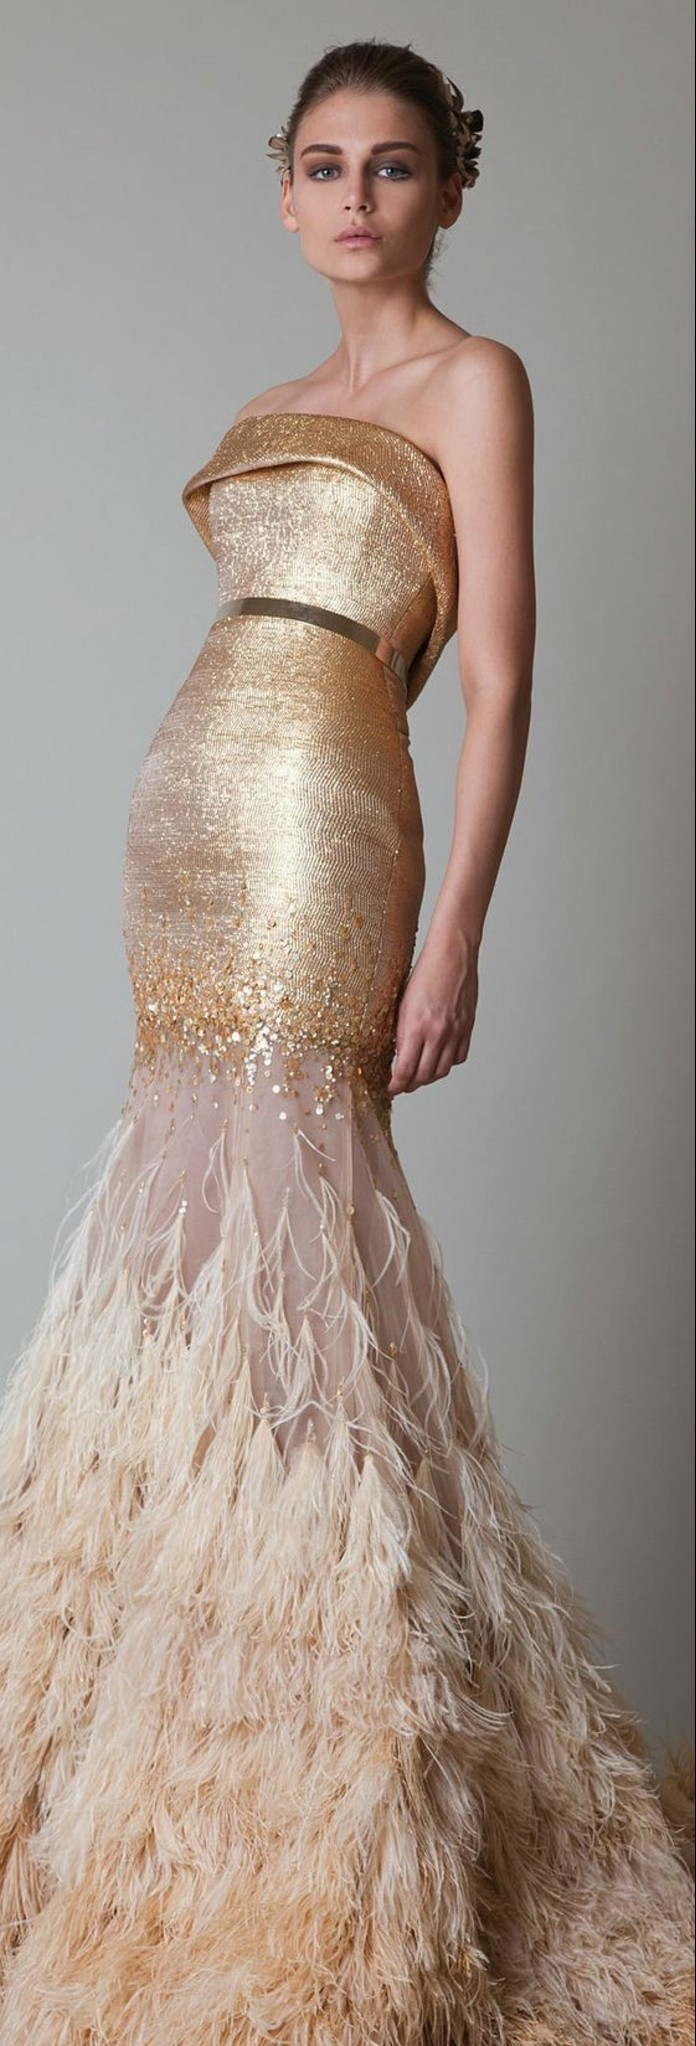 Gemütlich Partykleider Für Birnenformen Fotos - Hochzeit Kleid Stile ...